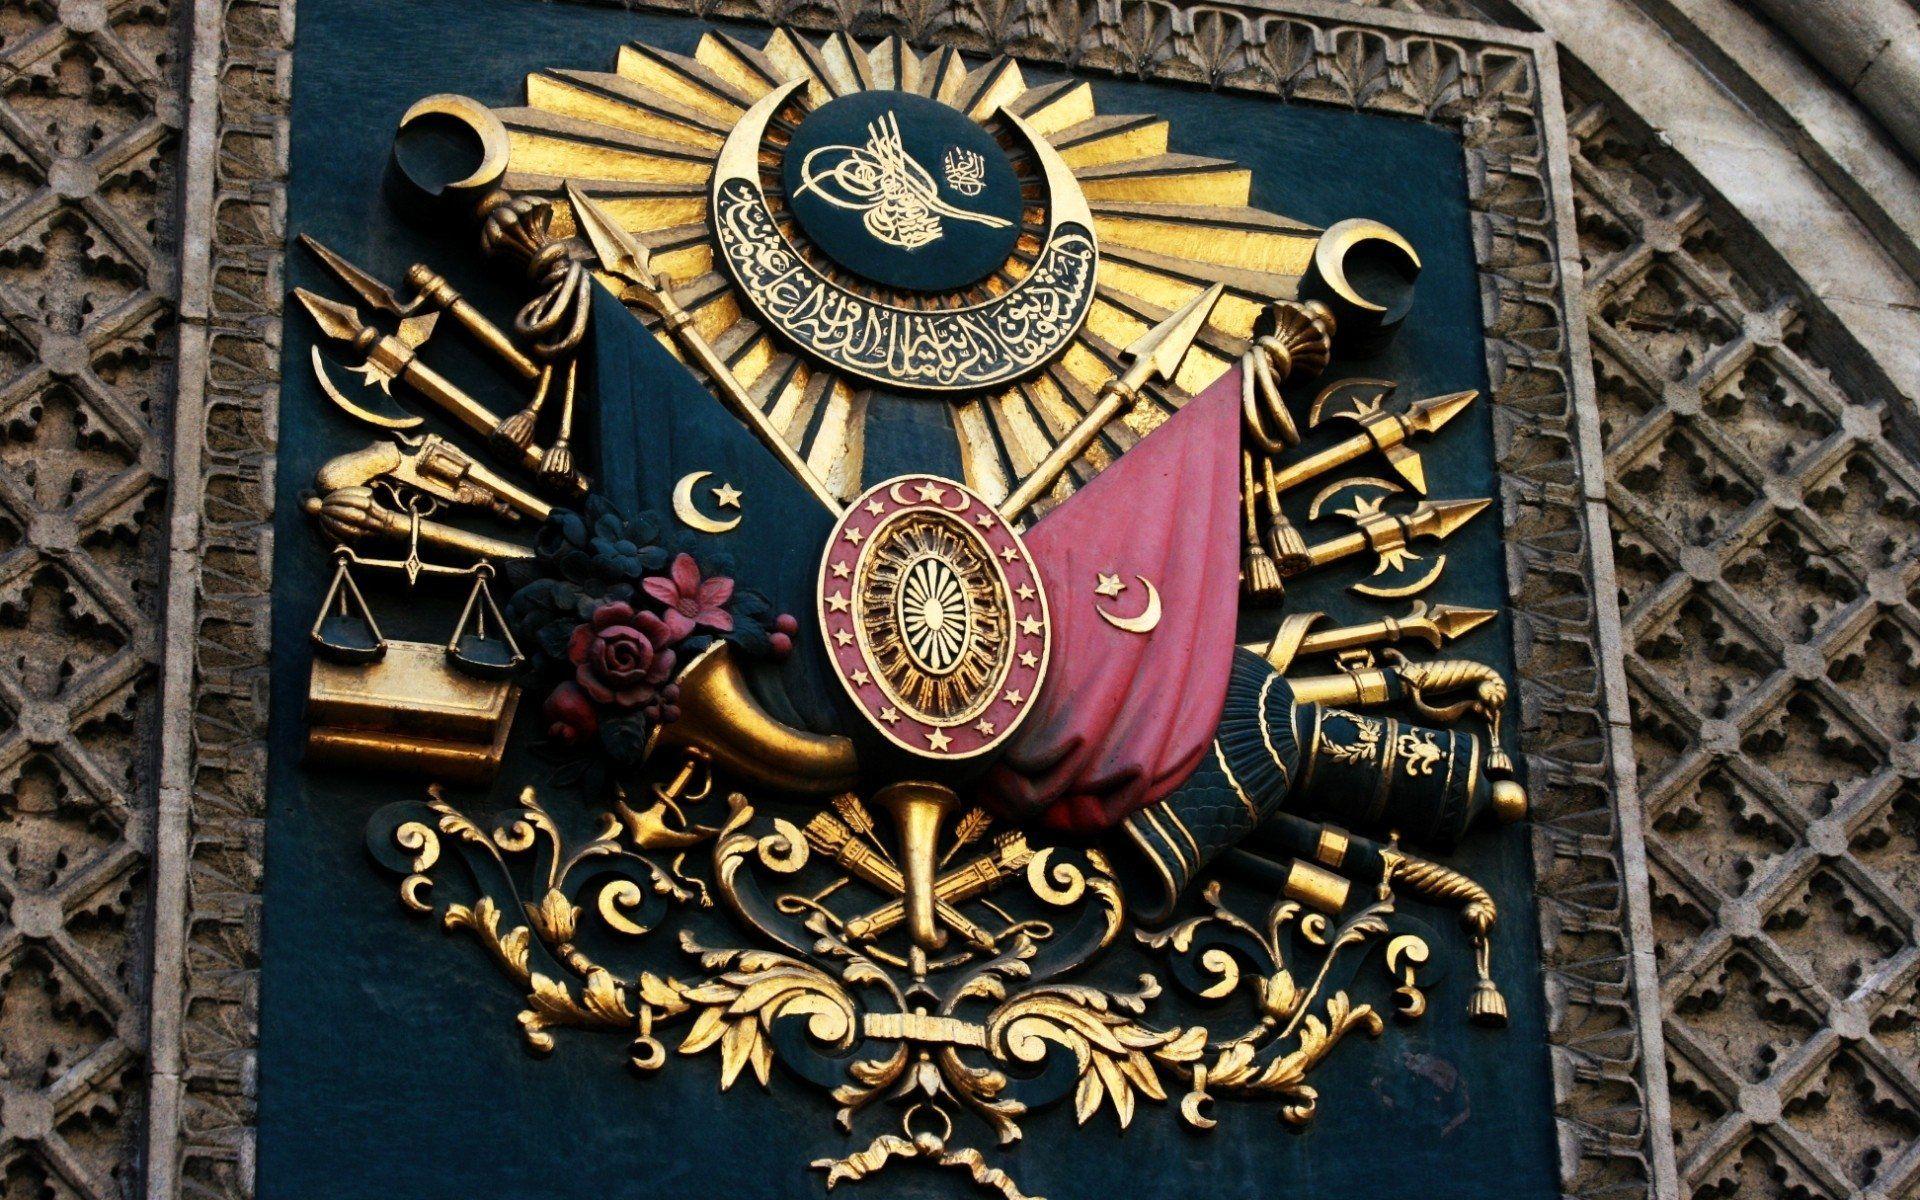 متى قامت الدولة العثمانية | تأسيس الدولة العثمانية